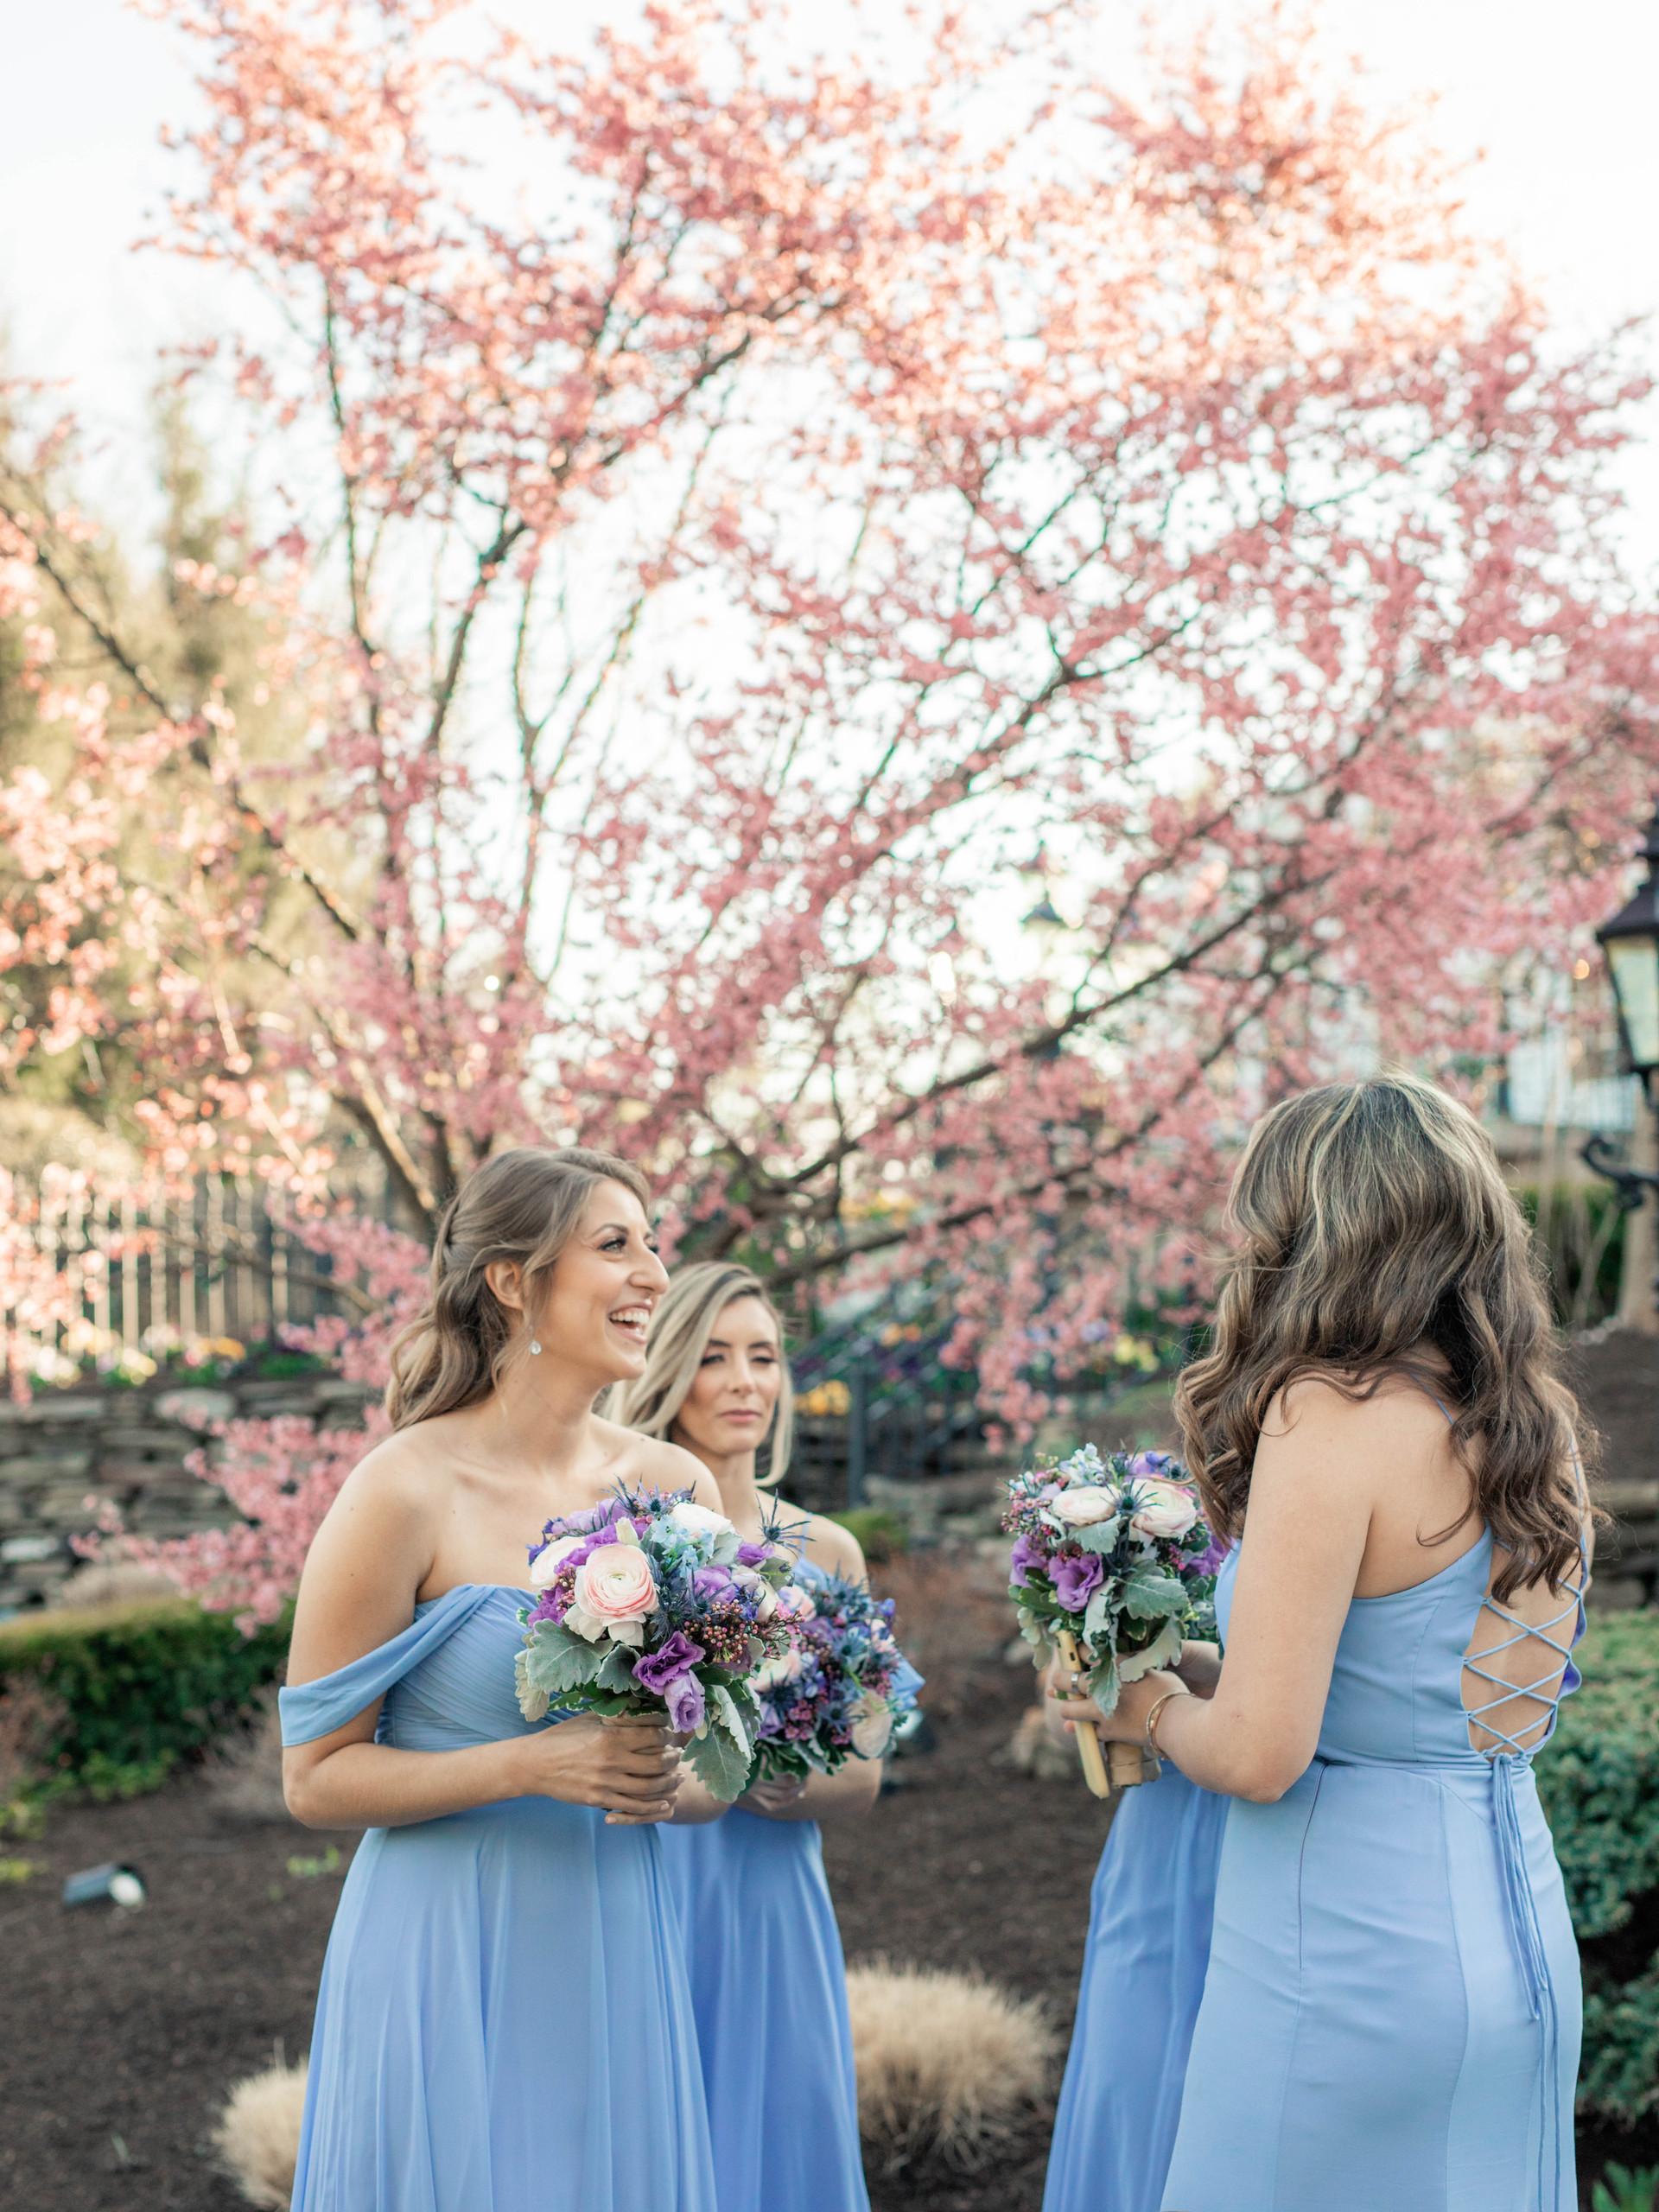 new-jersey-wedding-bridesmaids-bouquet-1